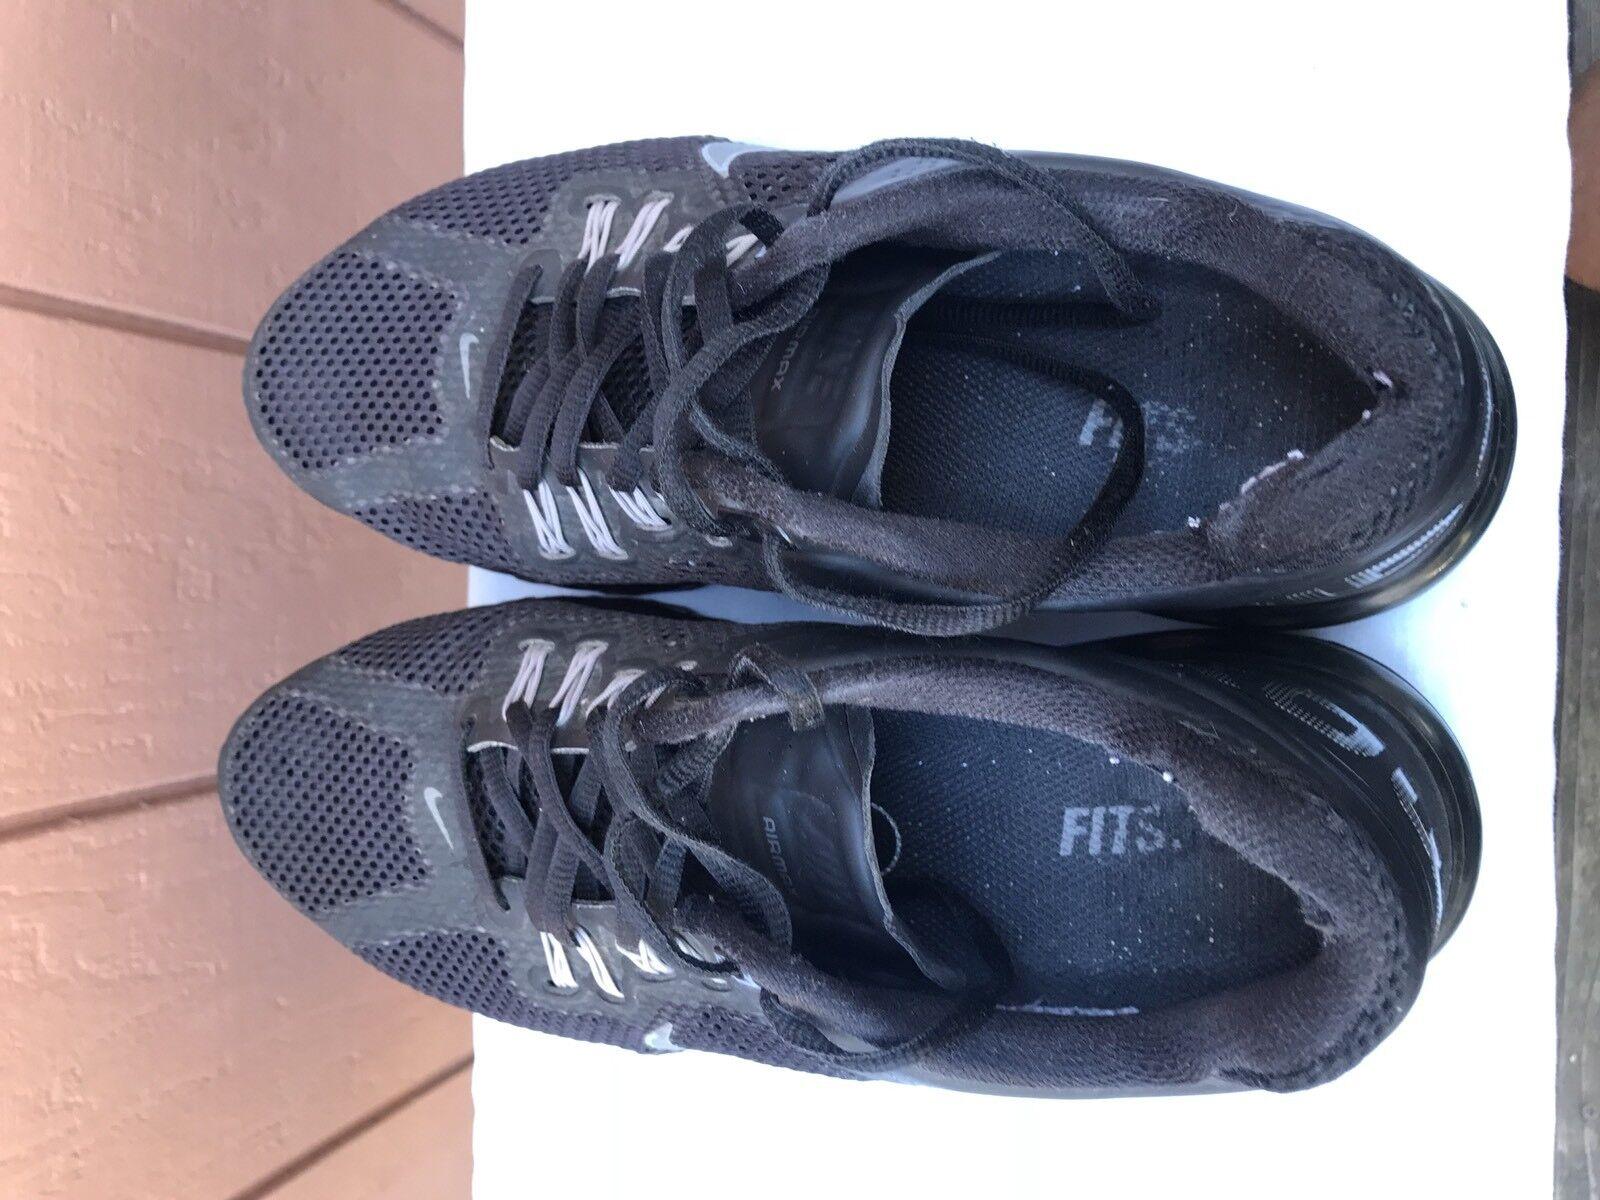 les hommes nous nike air max   noire 2013 noire  554886-001 gris sombre des chaussures de 160  a2 60a19a